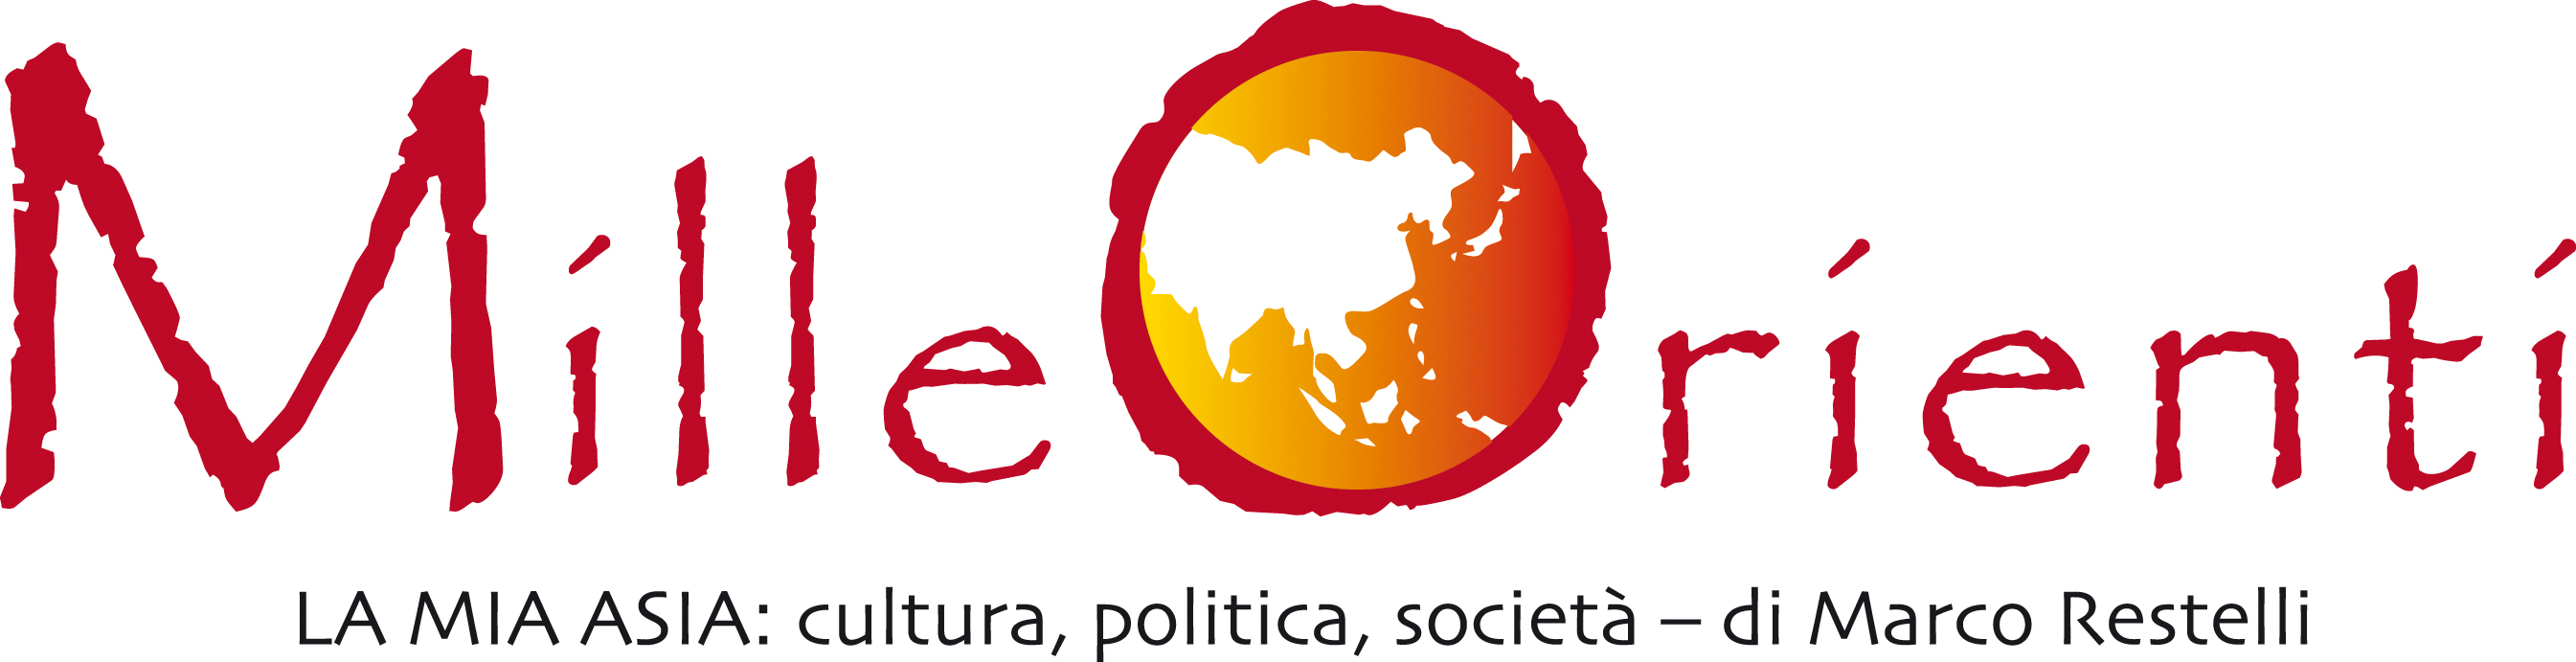 MilleOrienti La mia Asia: cultura, politica, società - di Marco Restelli